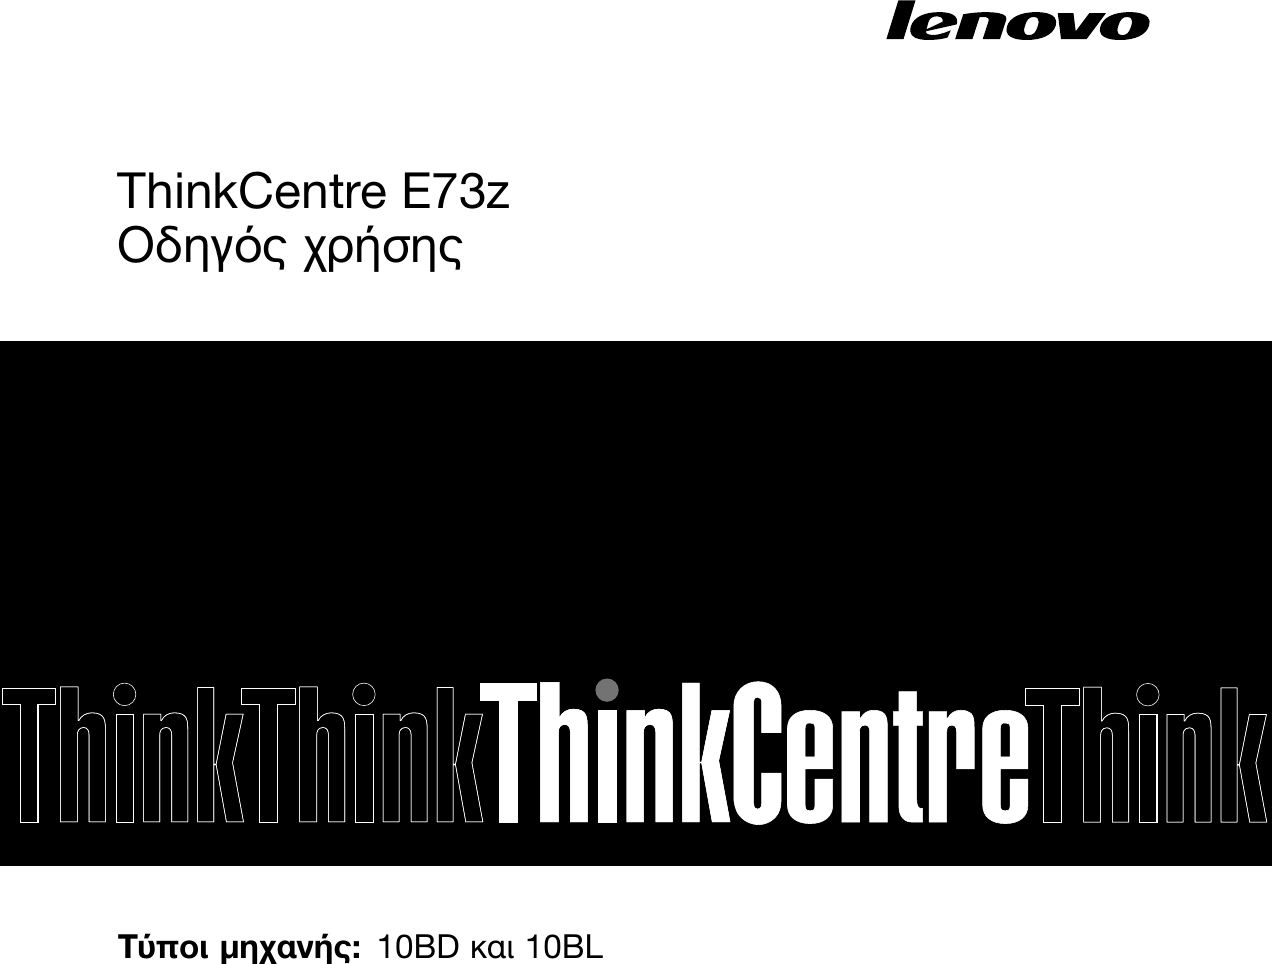 Lenovo E73Z Aio Ug El User Manual (Greek) Guide Think Centre